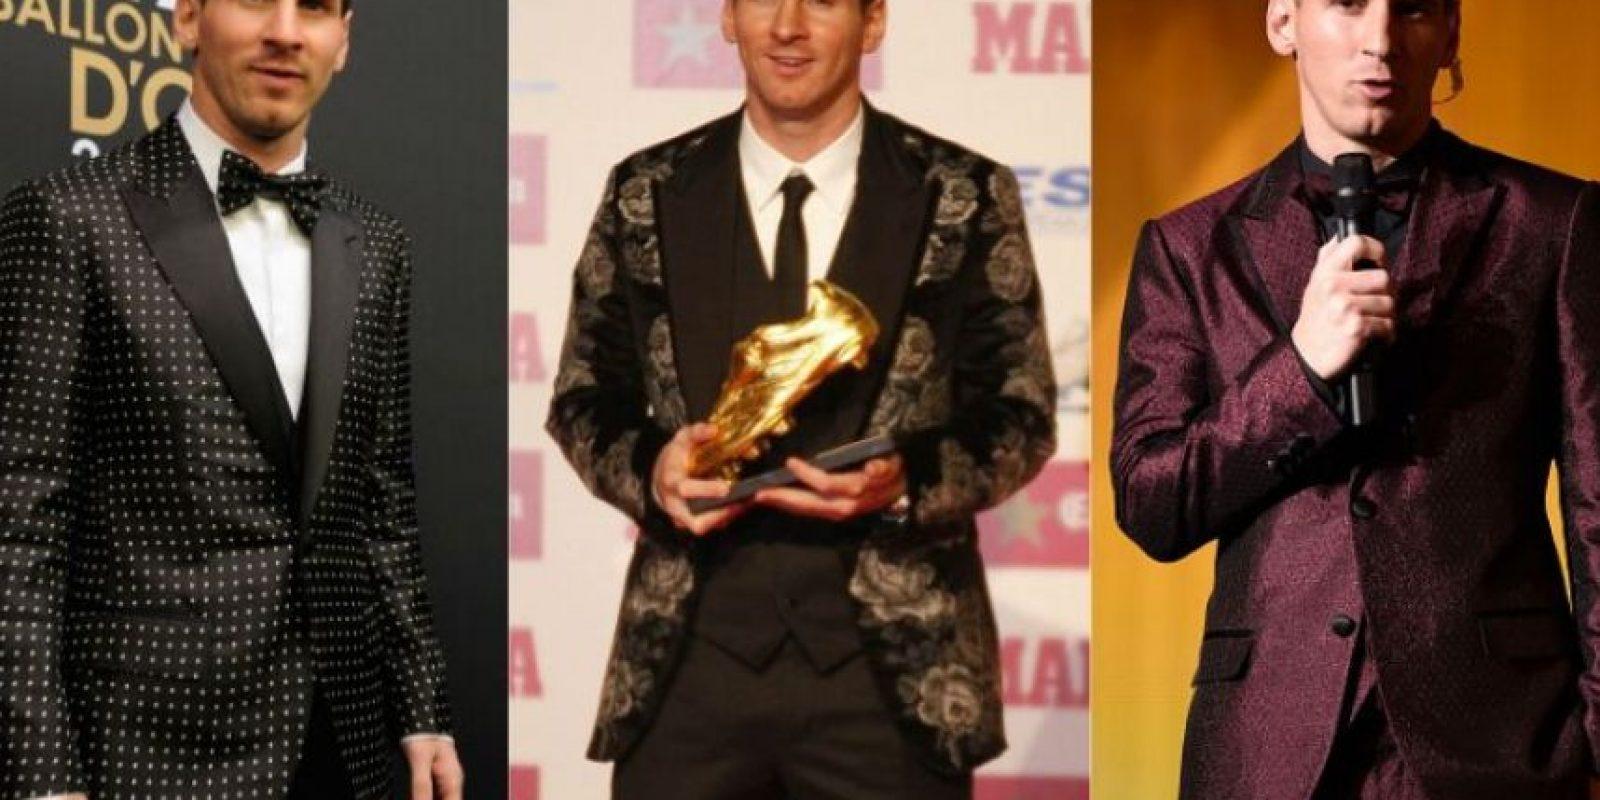 El astro argentino ha causado polémica por sus 'gustos' al vestir. Foto:Getty Images